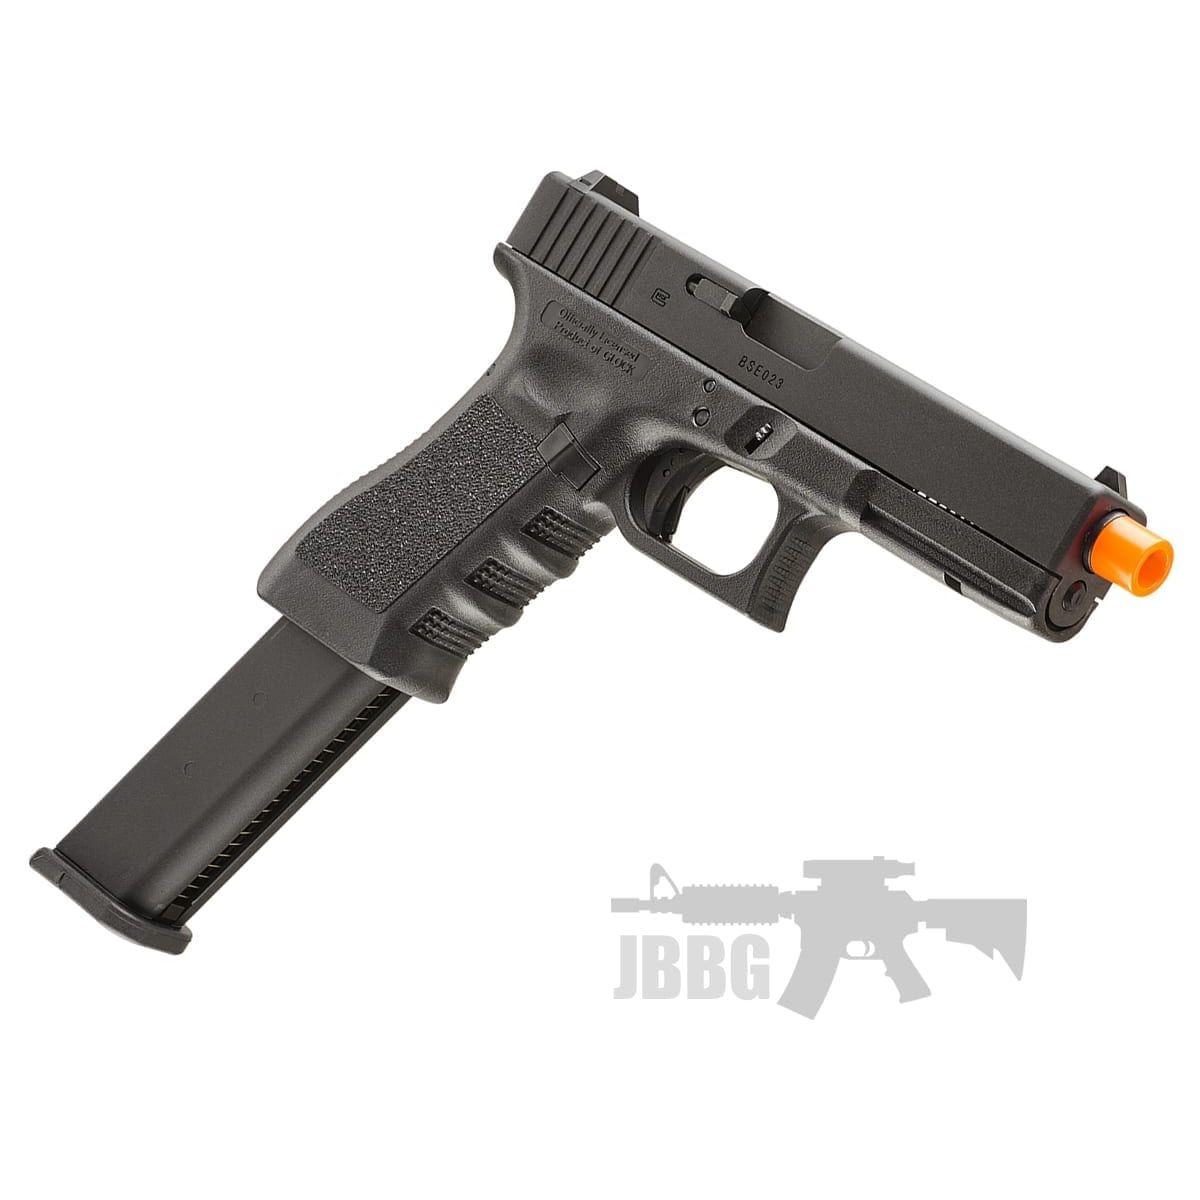 g18c-glock-pistol-gun-airsoft-umarex-gas-blowback